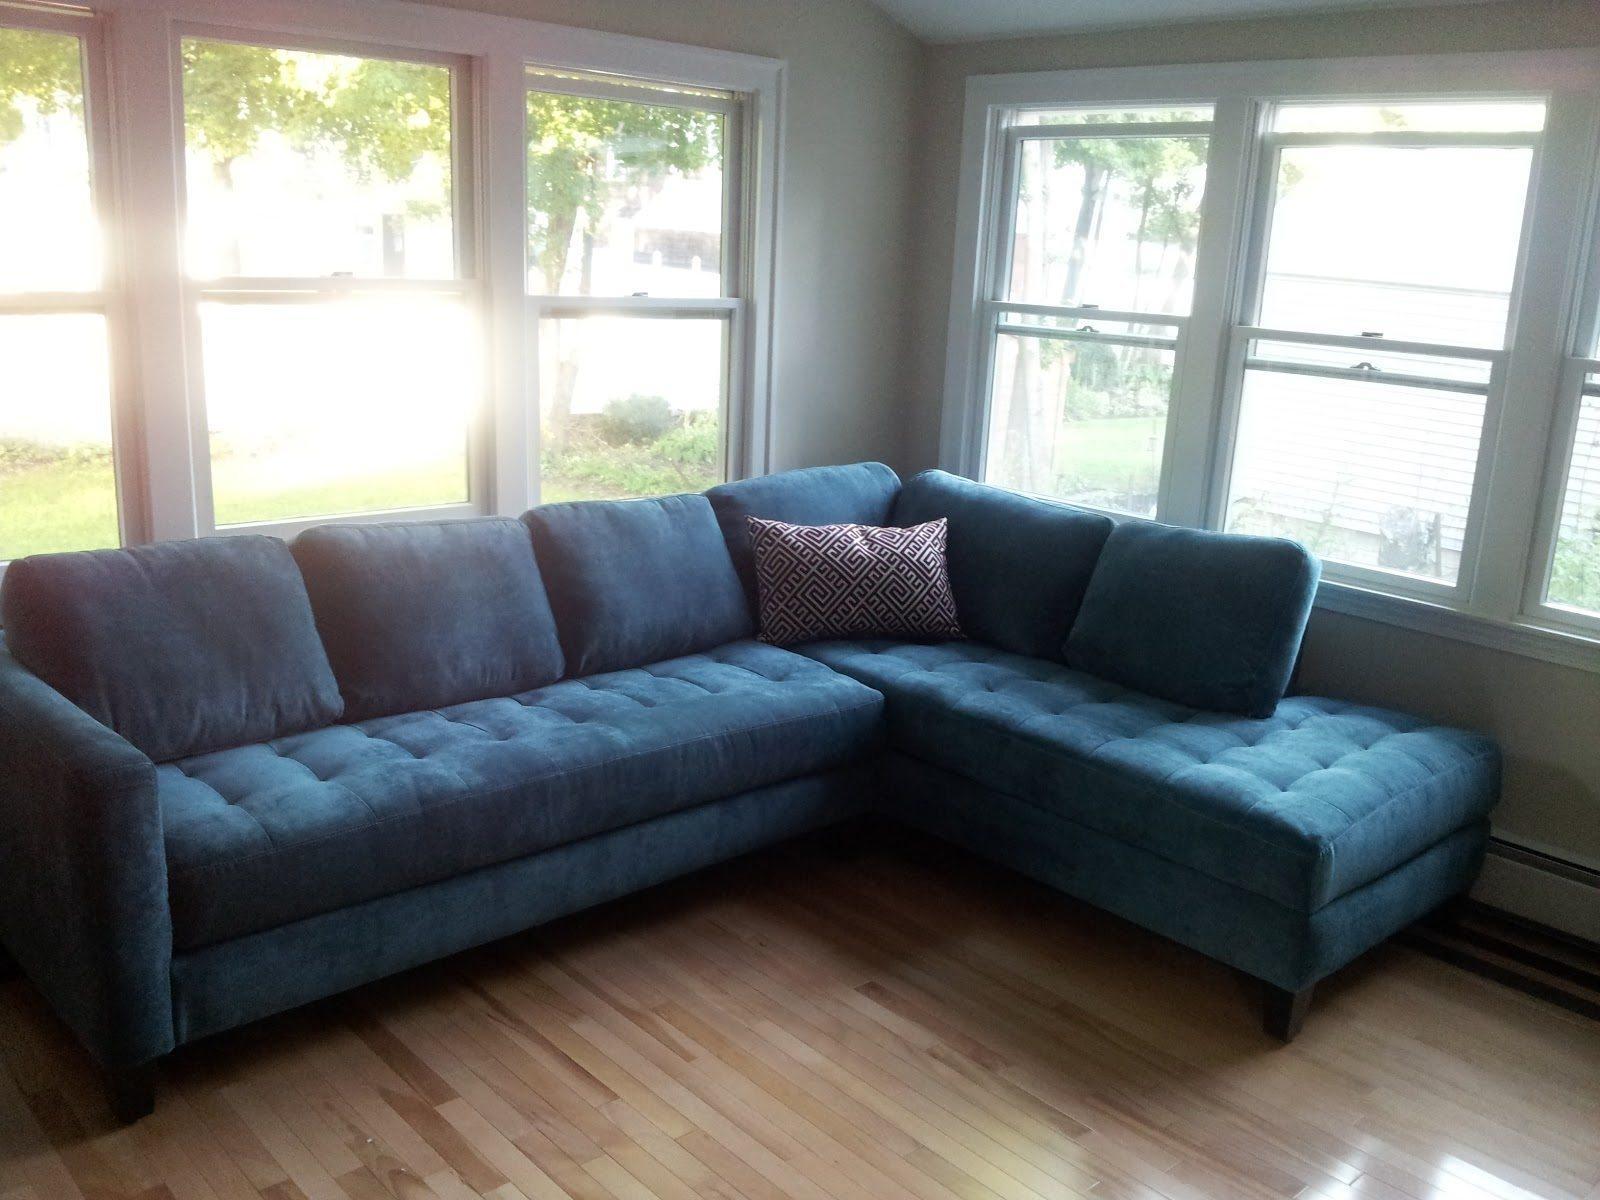 Blue Denim Sofa | Sofa Gallery | Kengire With Blue Denim Sofas (View 4 of 20)